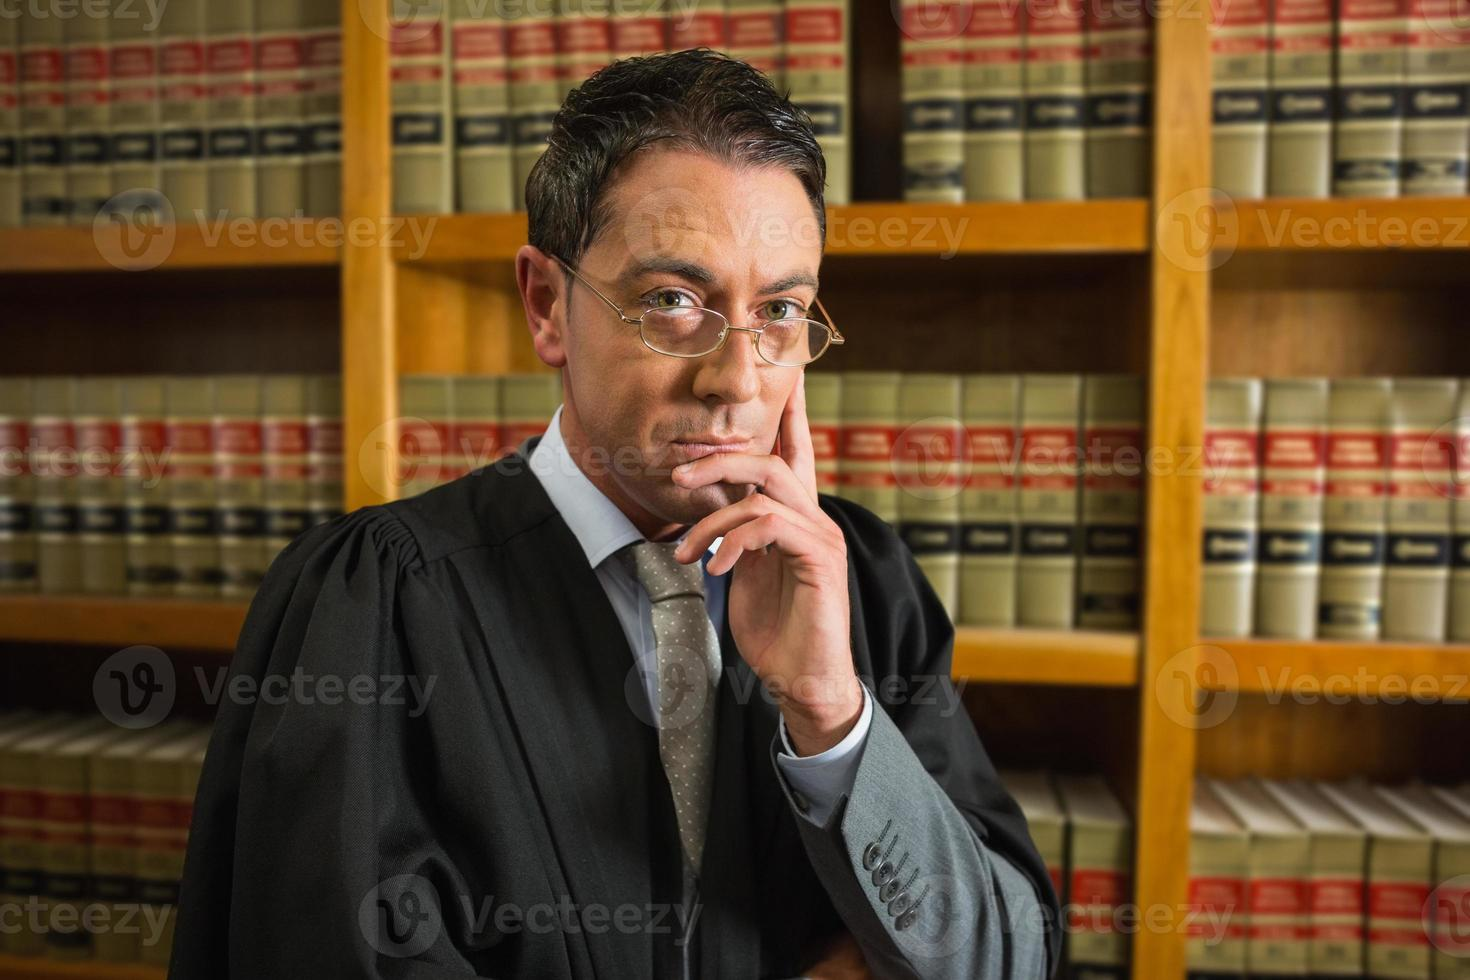 avvocato guardando la telecamera nella biblioteca di legge foto